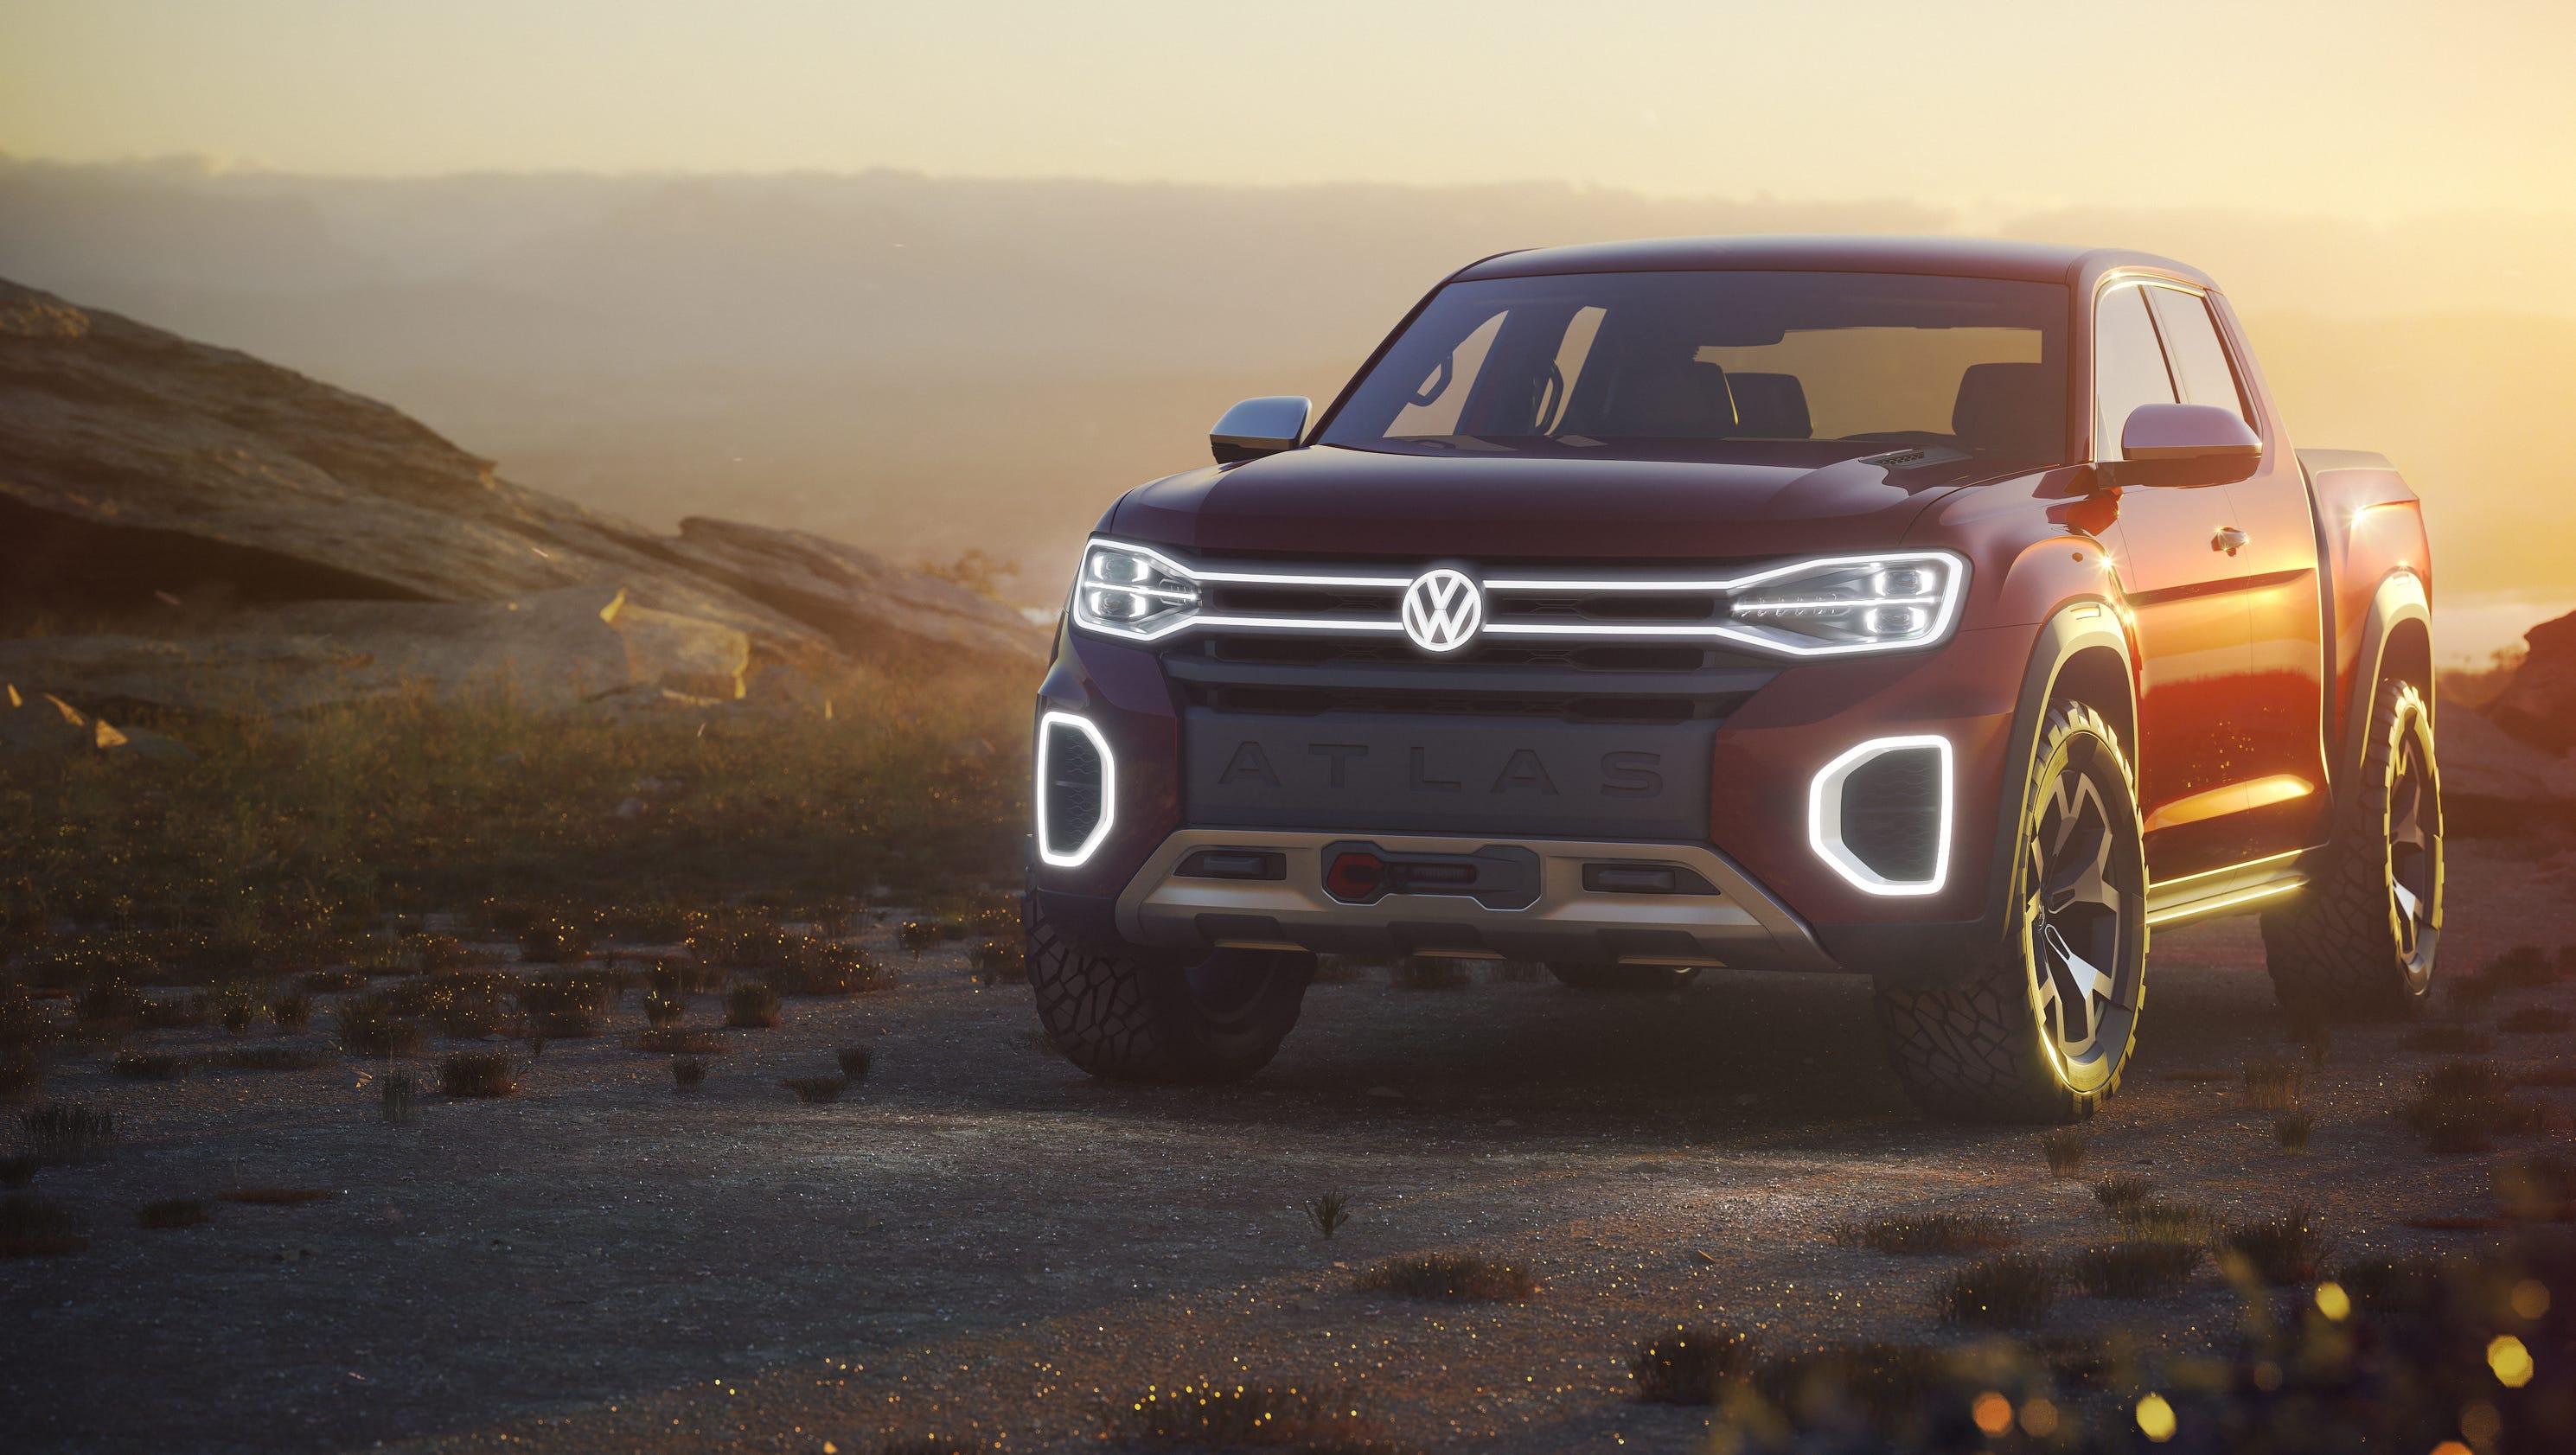 New York Pick Up Truck >> Volkswagen reveals Atlas Tanoak pickup truck